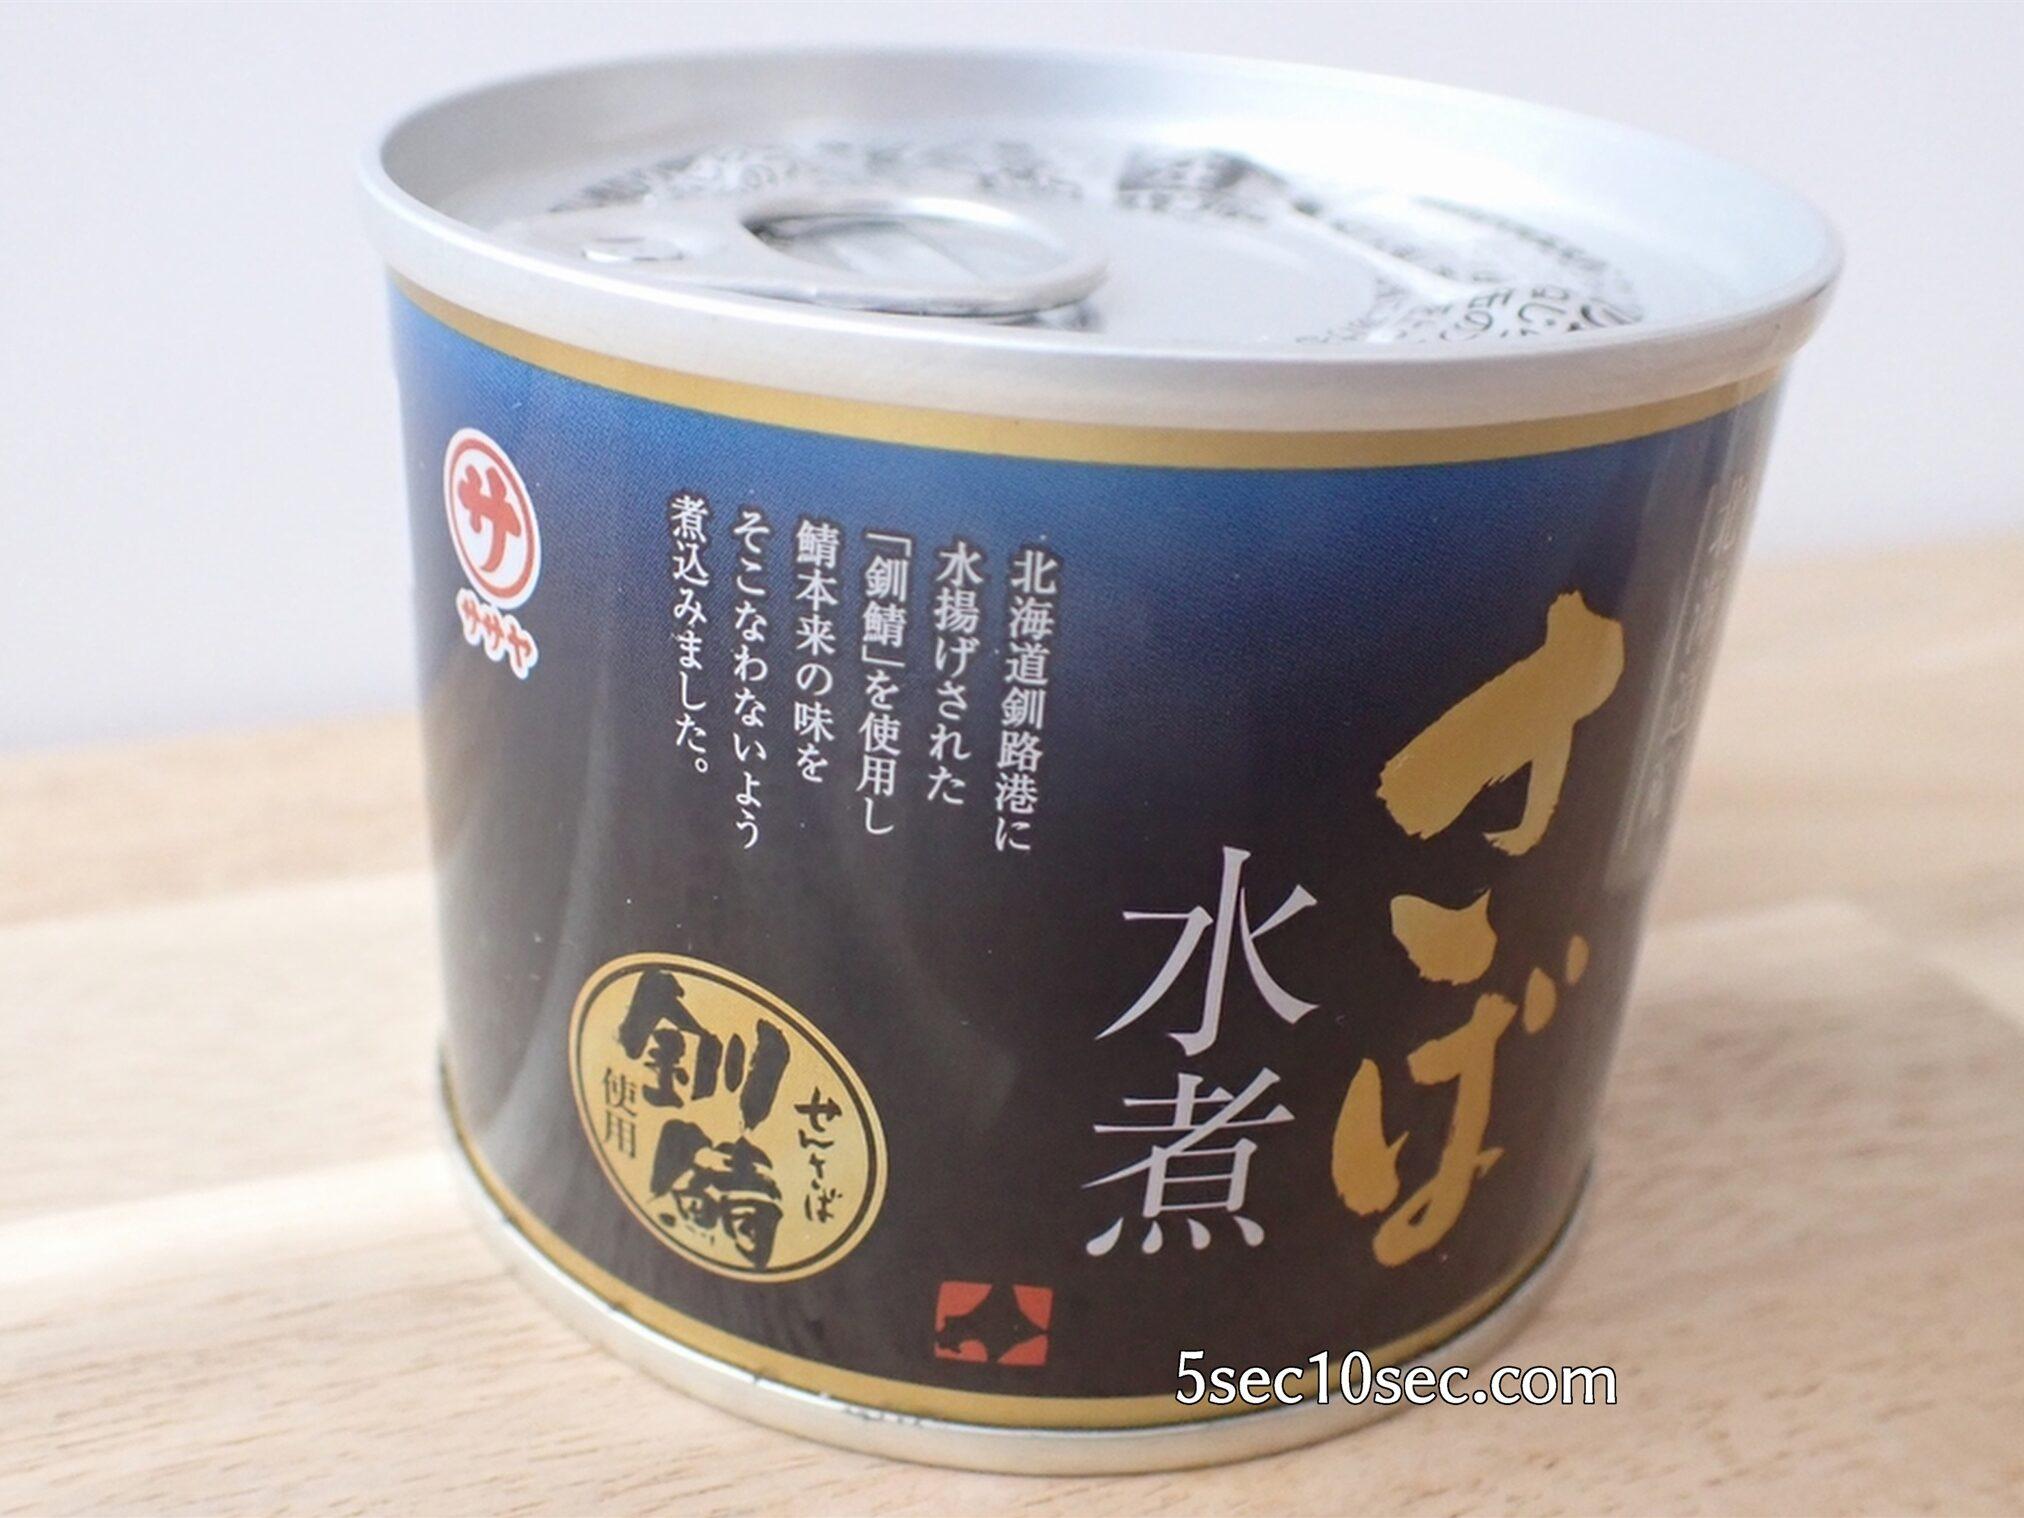 北海道釧路産 高級さば水煮缶詰 釧路のブランド鯖、釧鯖で作られたサバ缶です